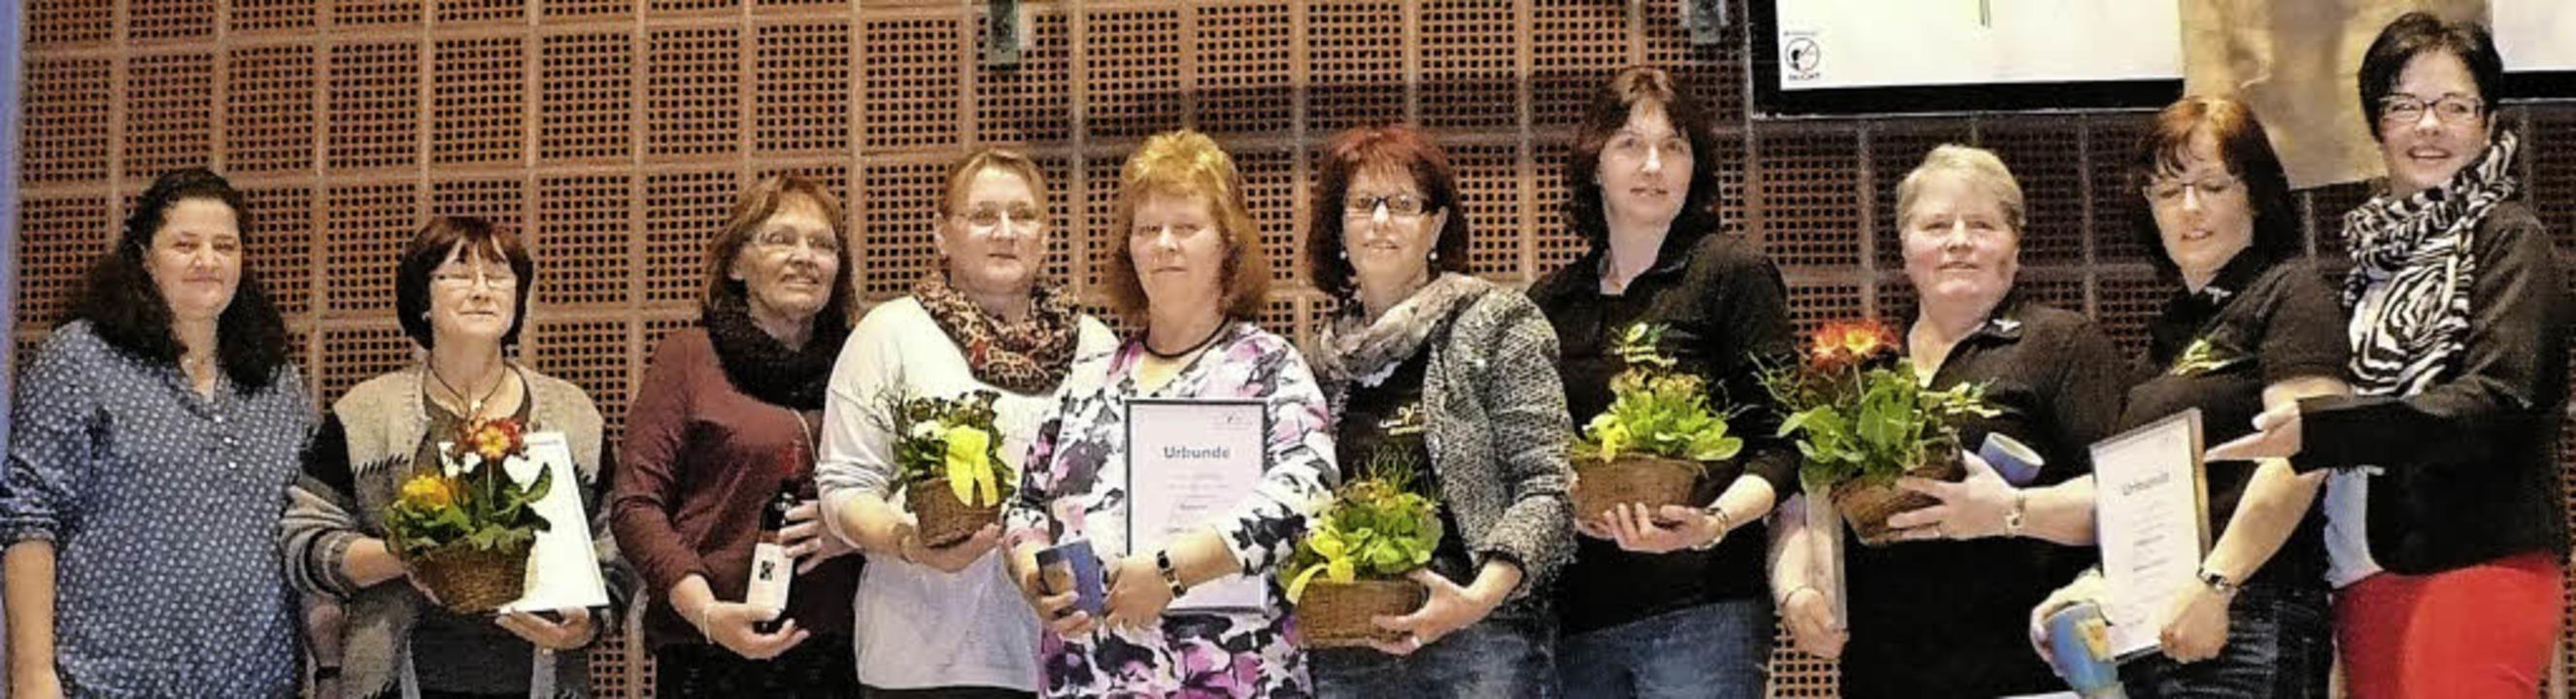 Bezirksvorsitzende Karola Morath (rech...iente und langjährige Mitglieder aus.   | Foto: Rittner